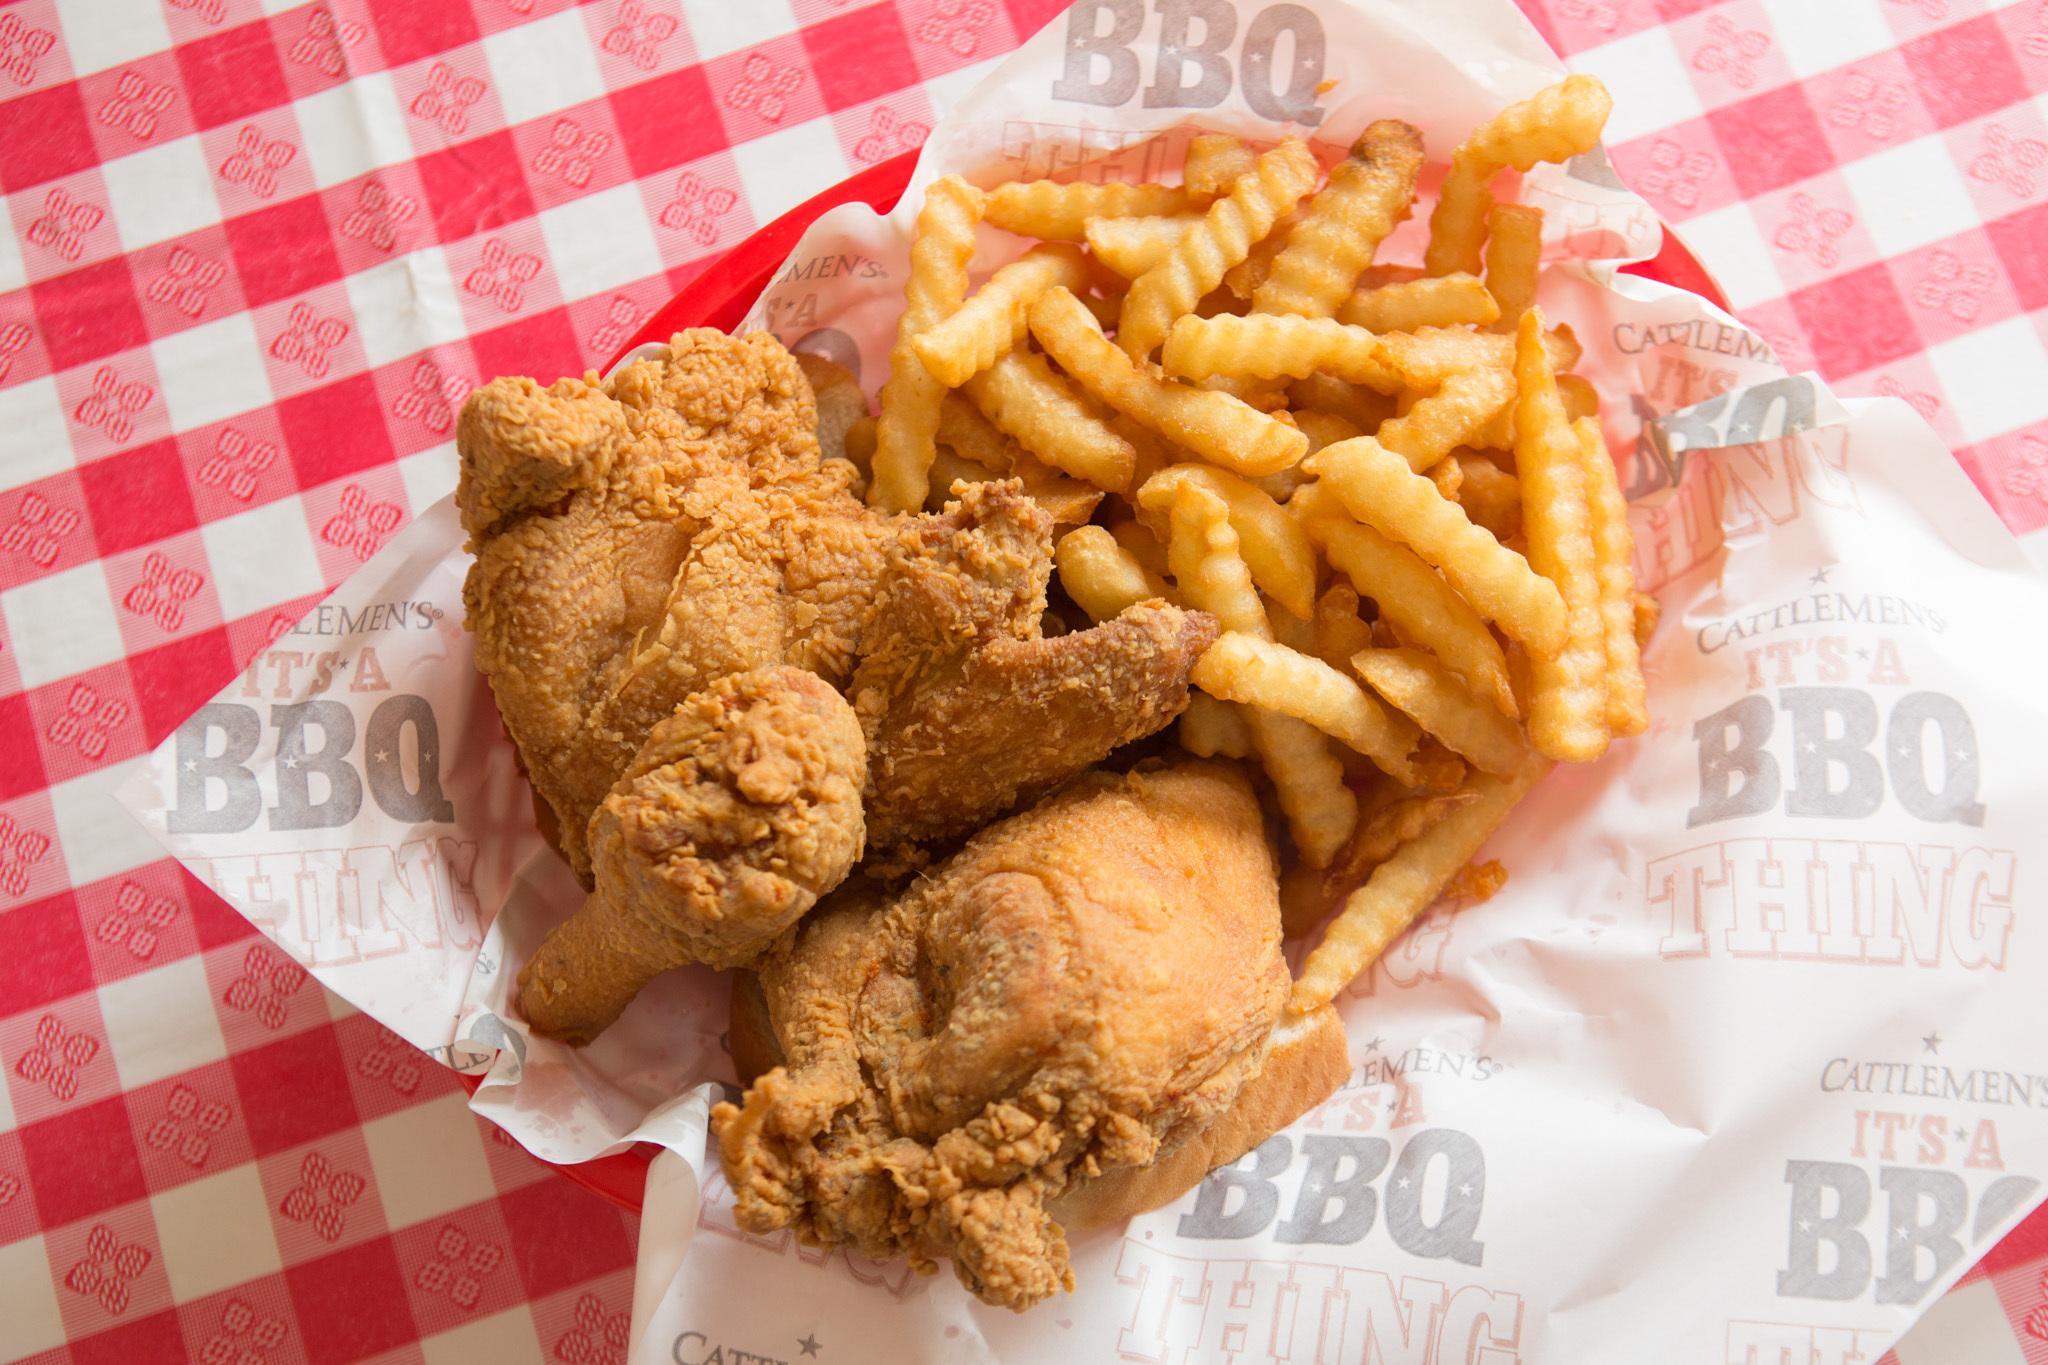 Evanston Chicken Shack